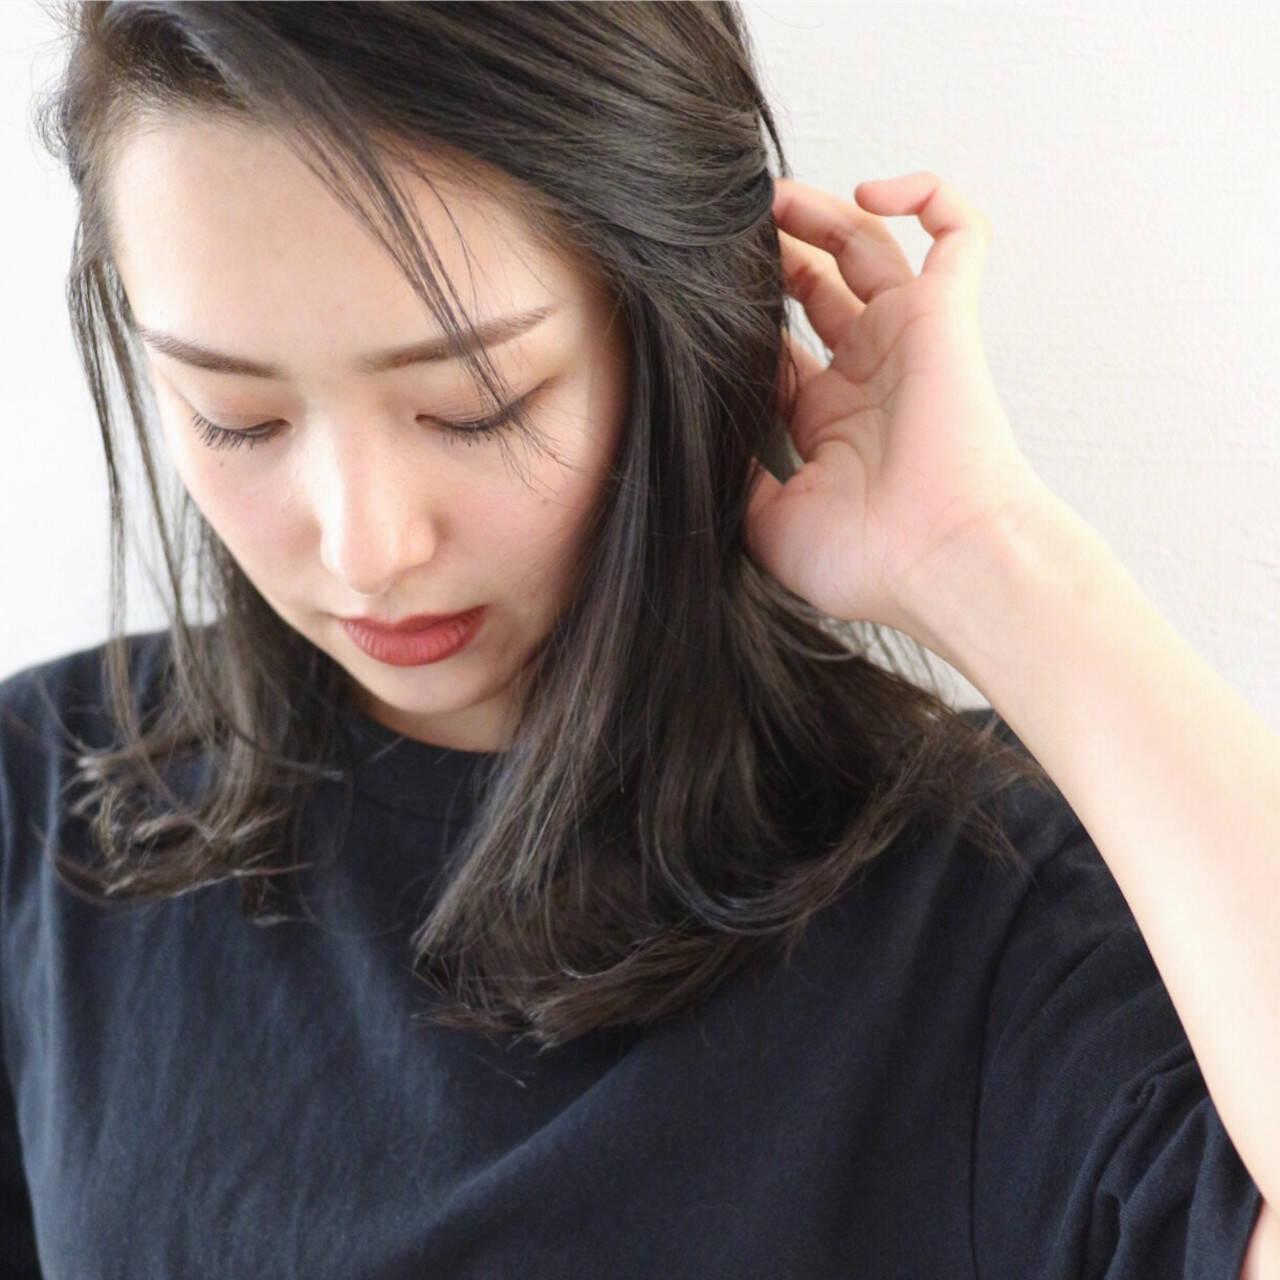 グレー グレーアッシュ セミロング ダークアッシュヘアスタイルや髪型の写真・画像